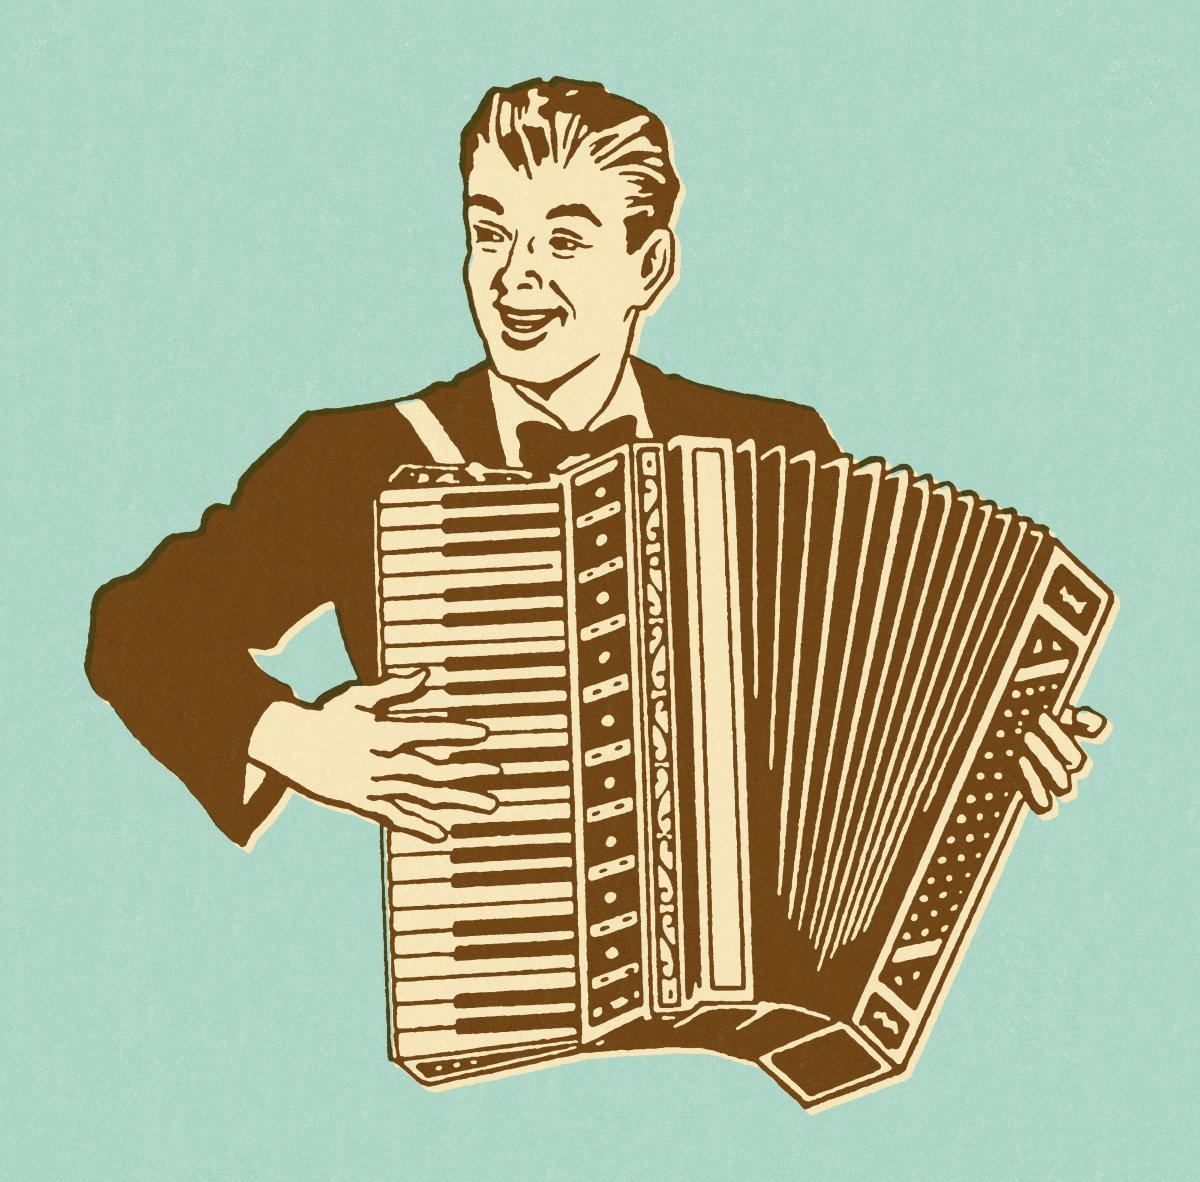 手风琴左手指法图